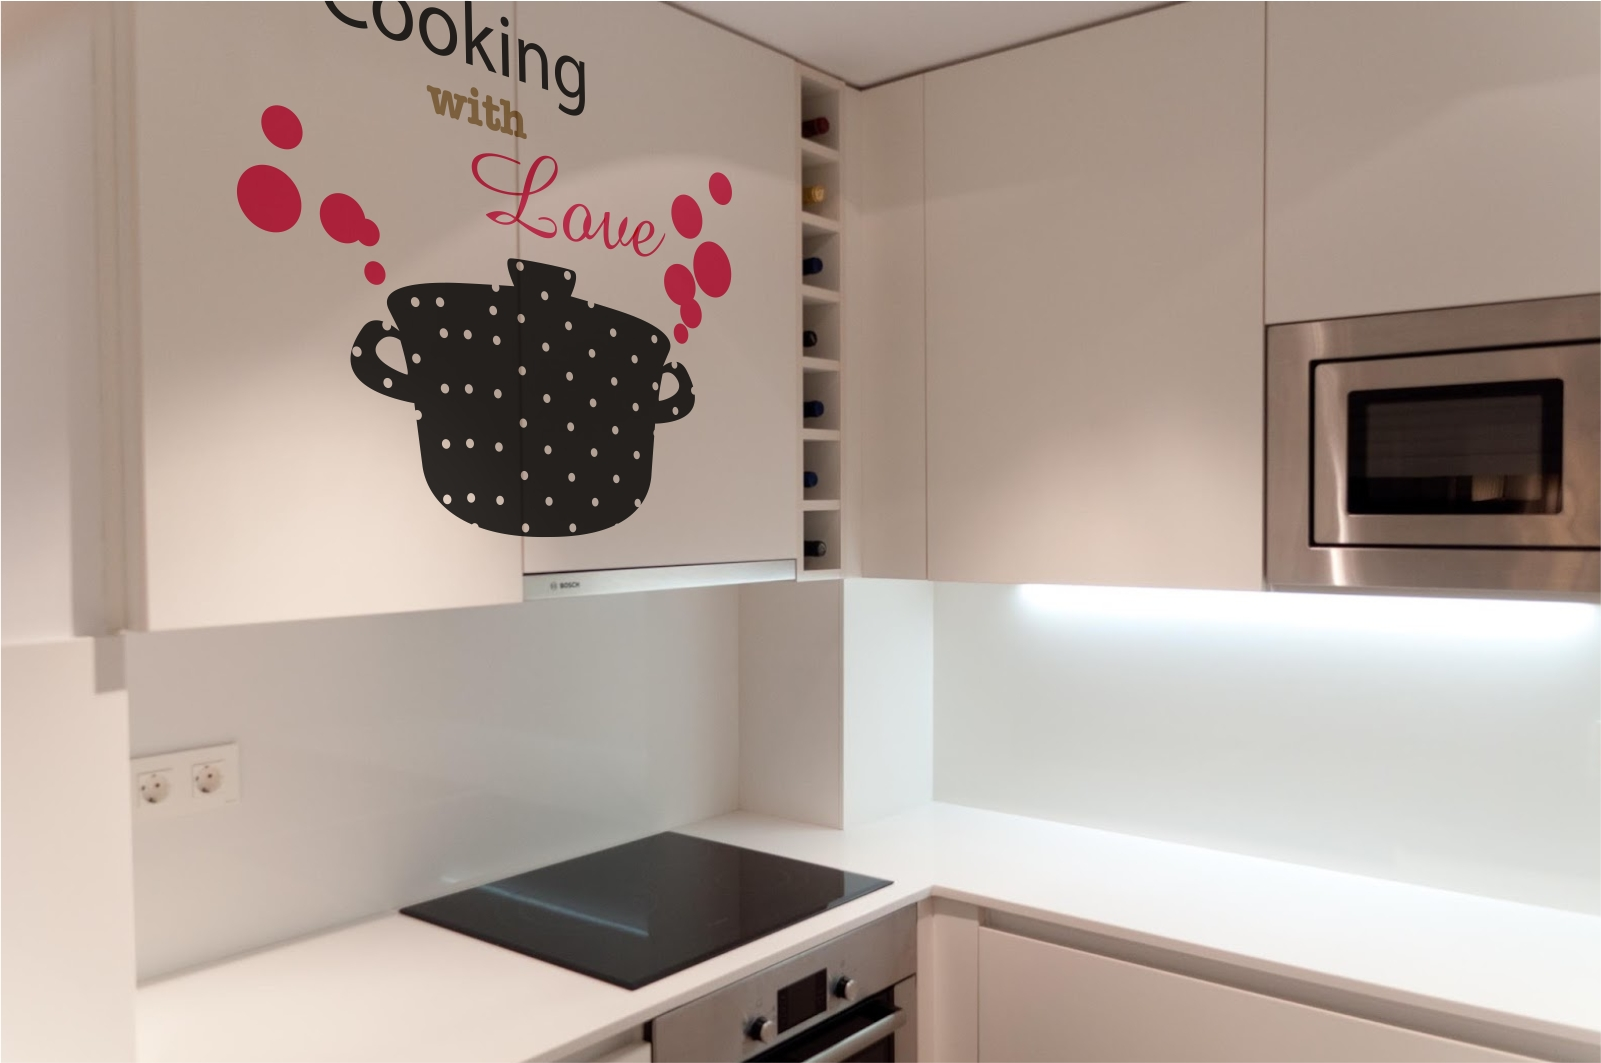 Vinilos Decoracion Muebles ~ cocina  Fotomurales Decorativos M?xico  Decora todos tus espacios